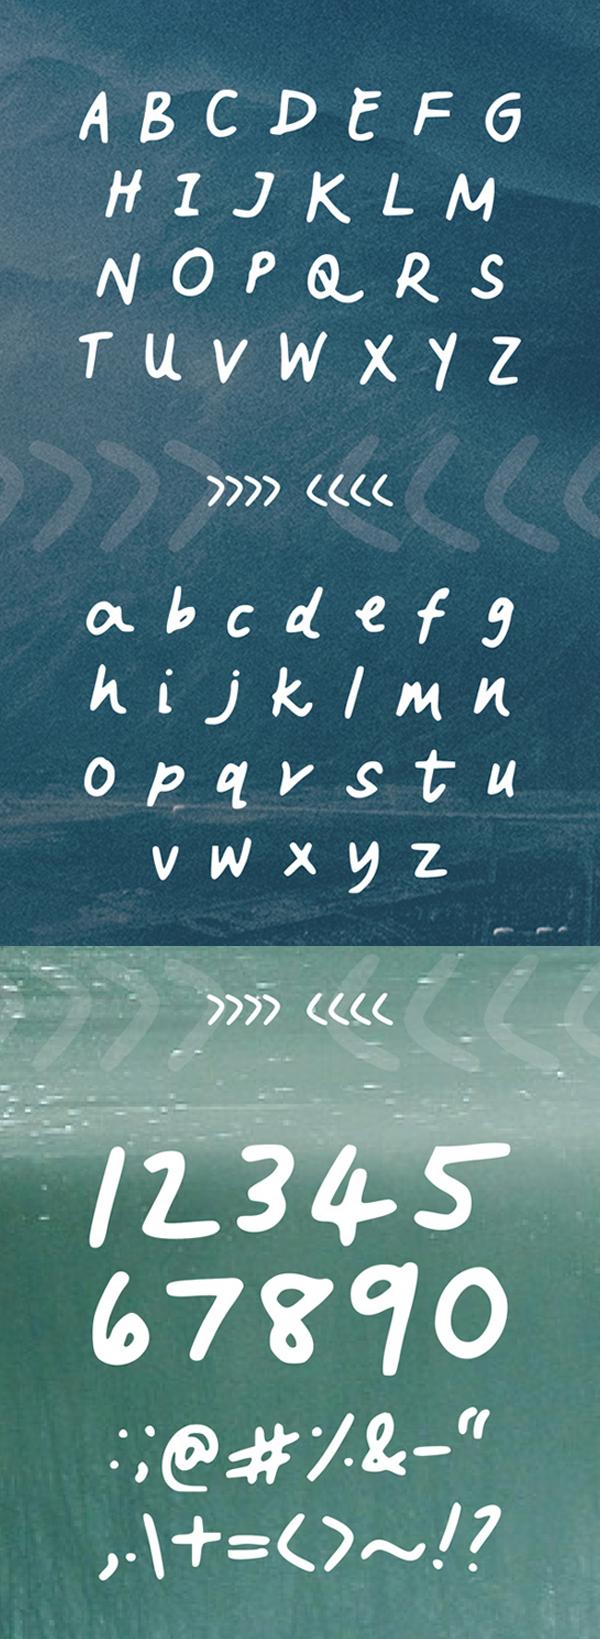 Vanderful letters